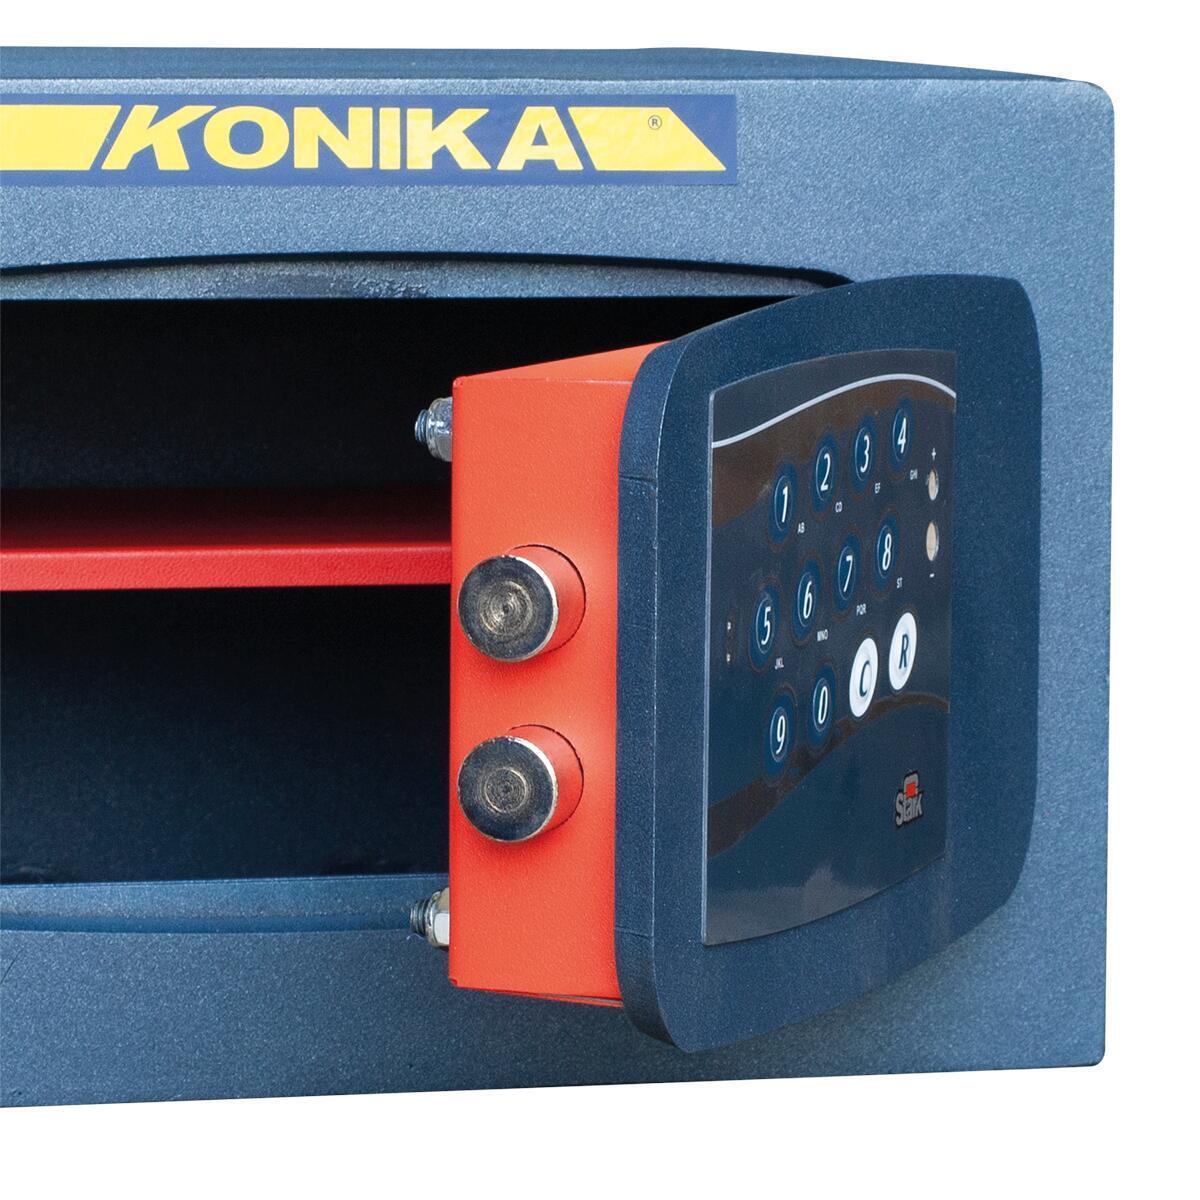 Cassaforte con codice elettronico STARK 3252TK da fissare a parete L 37 x P 32 x H 24 cm - 3